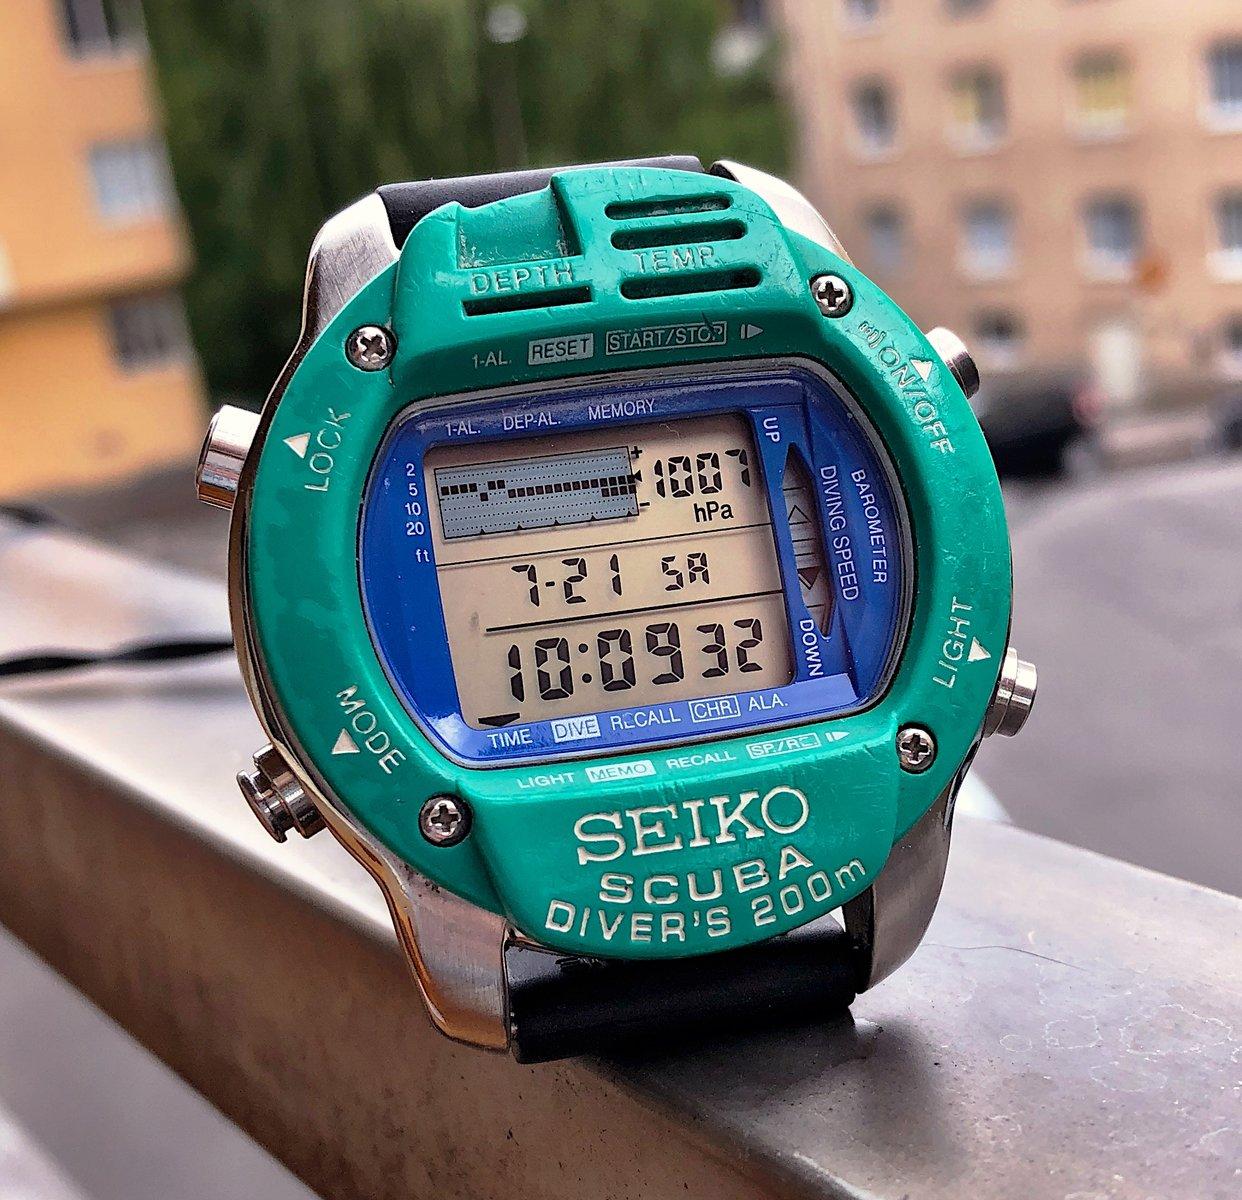 80310FA1-1F47-470E-B982-1C3C9EF3AC14.